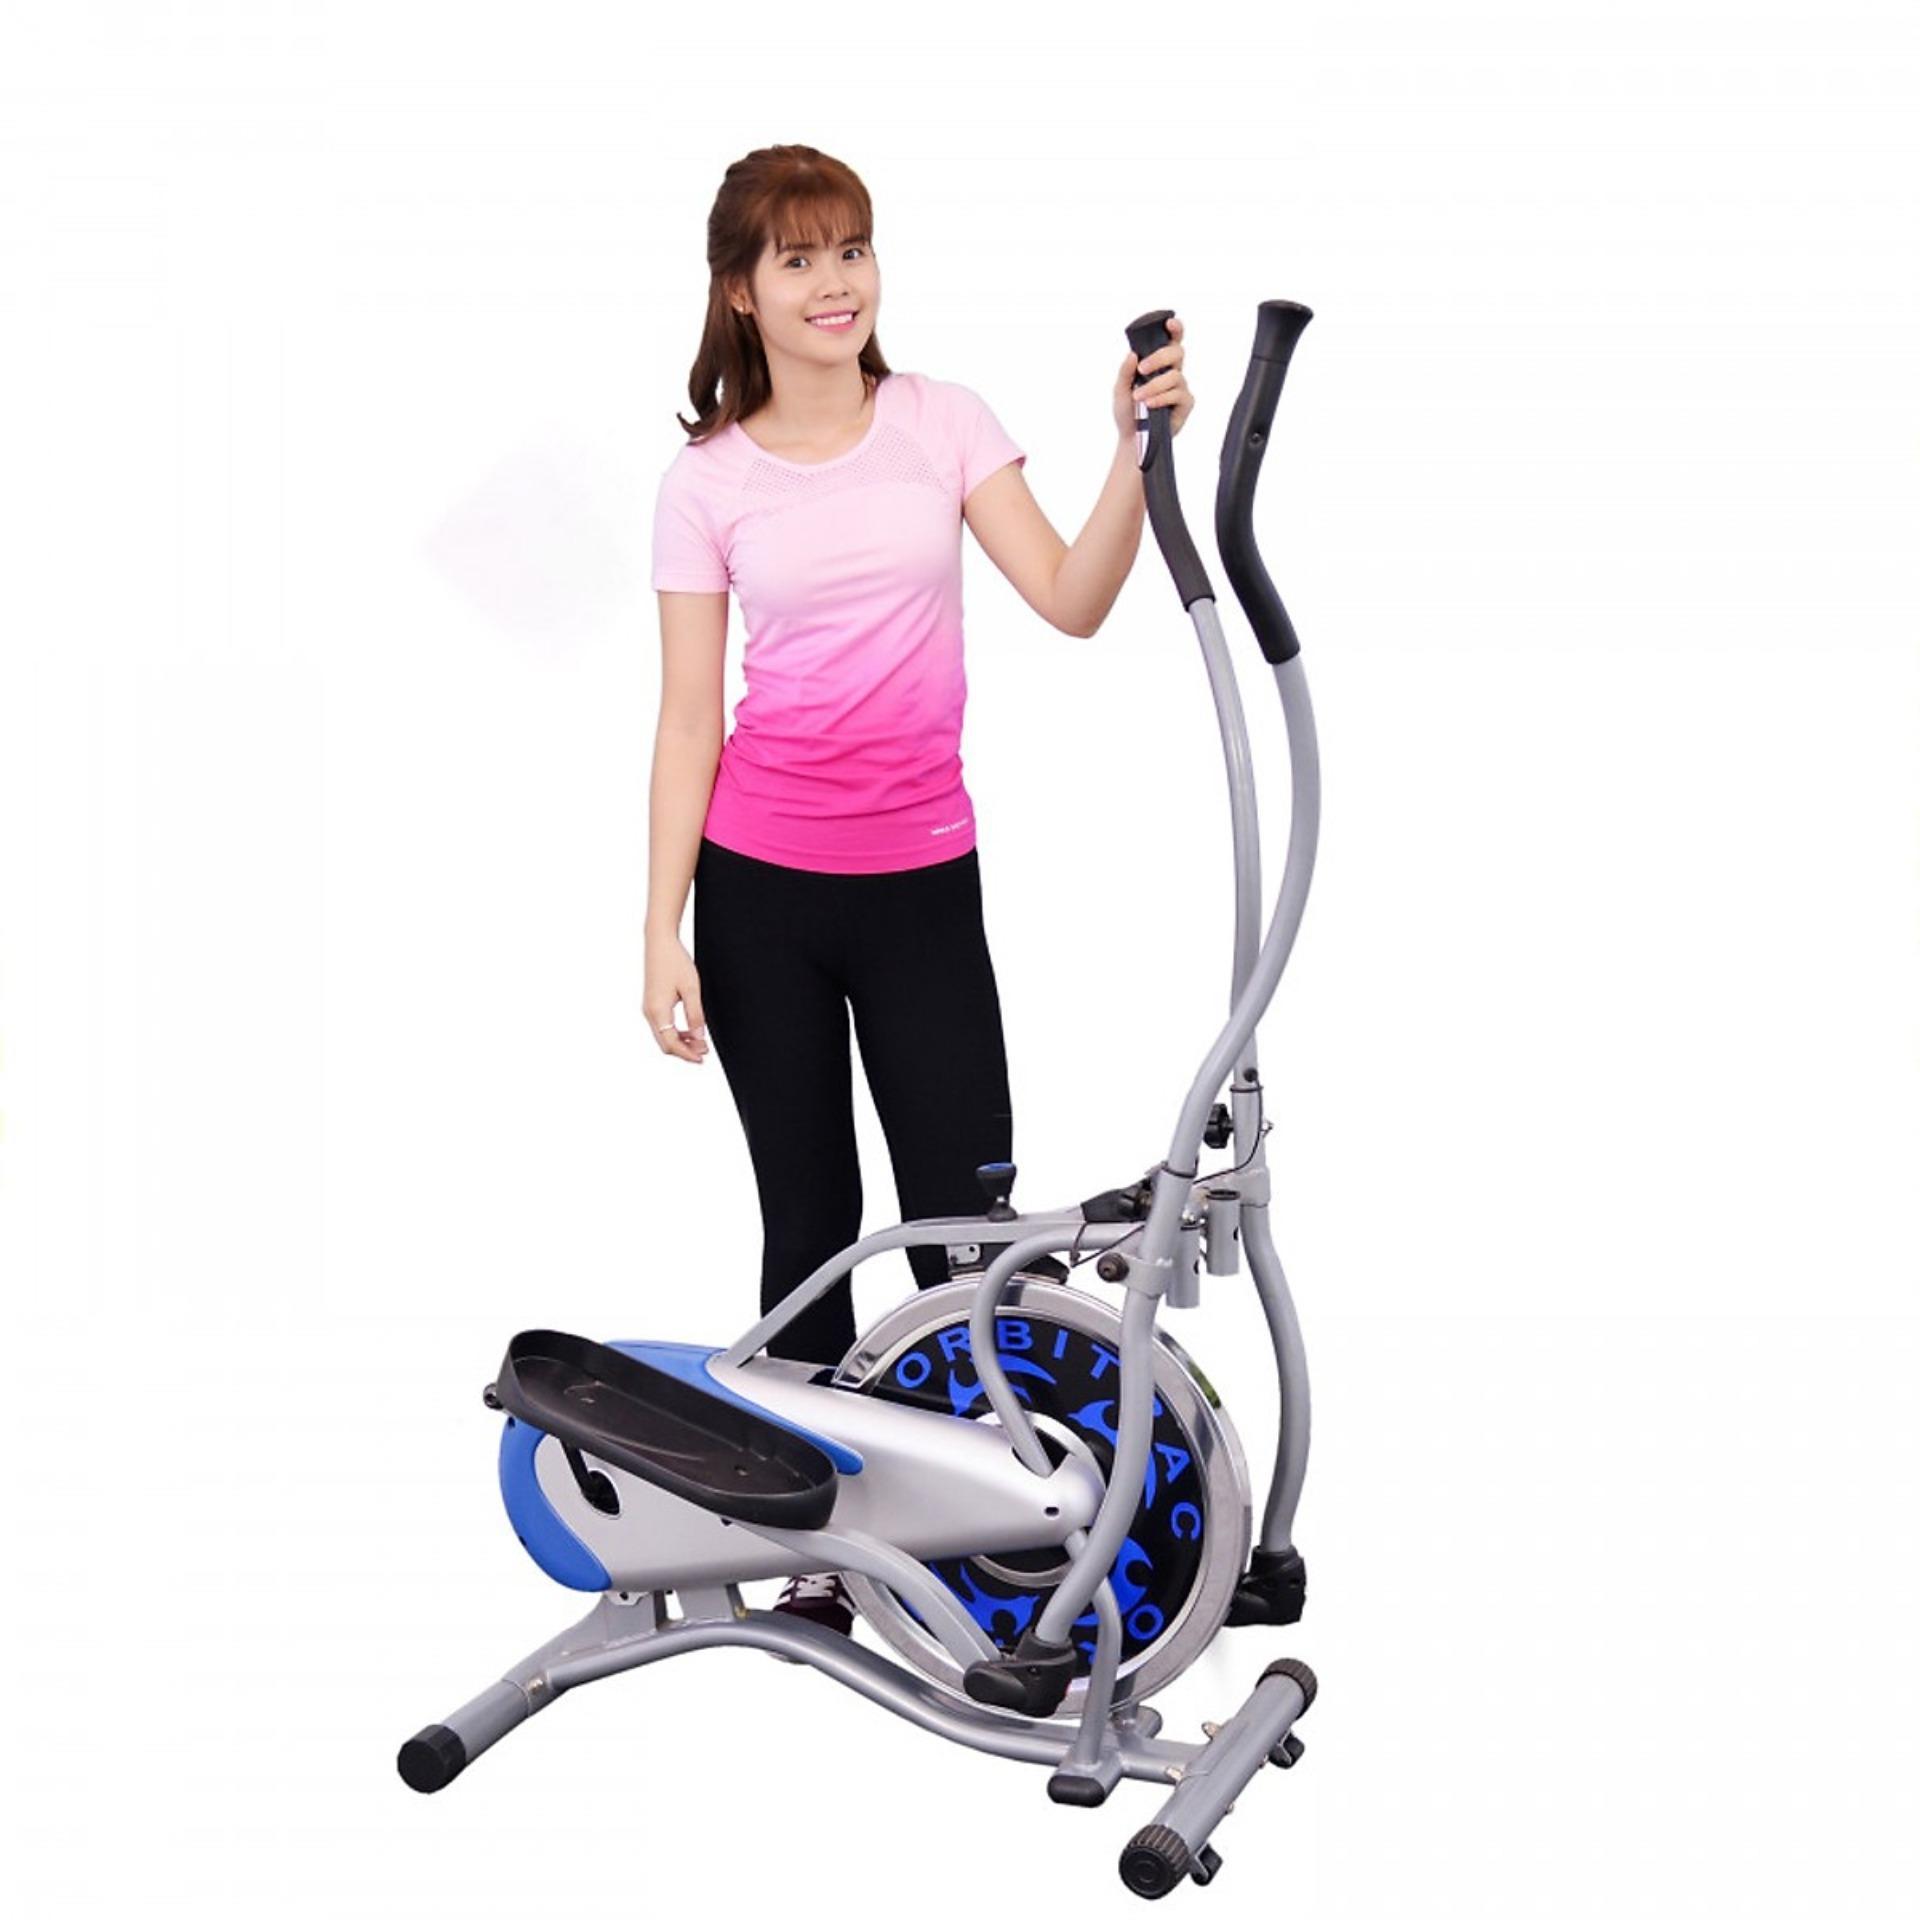 Bảng giá Airbike sport - Xe đạp Orbitrack không yên MO-2082